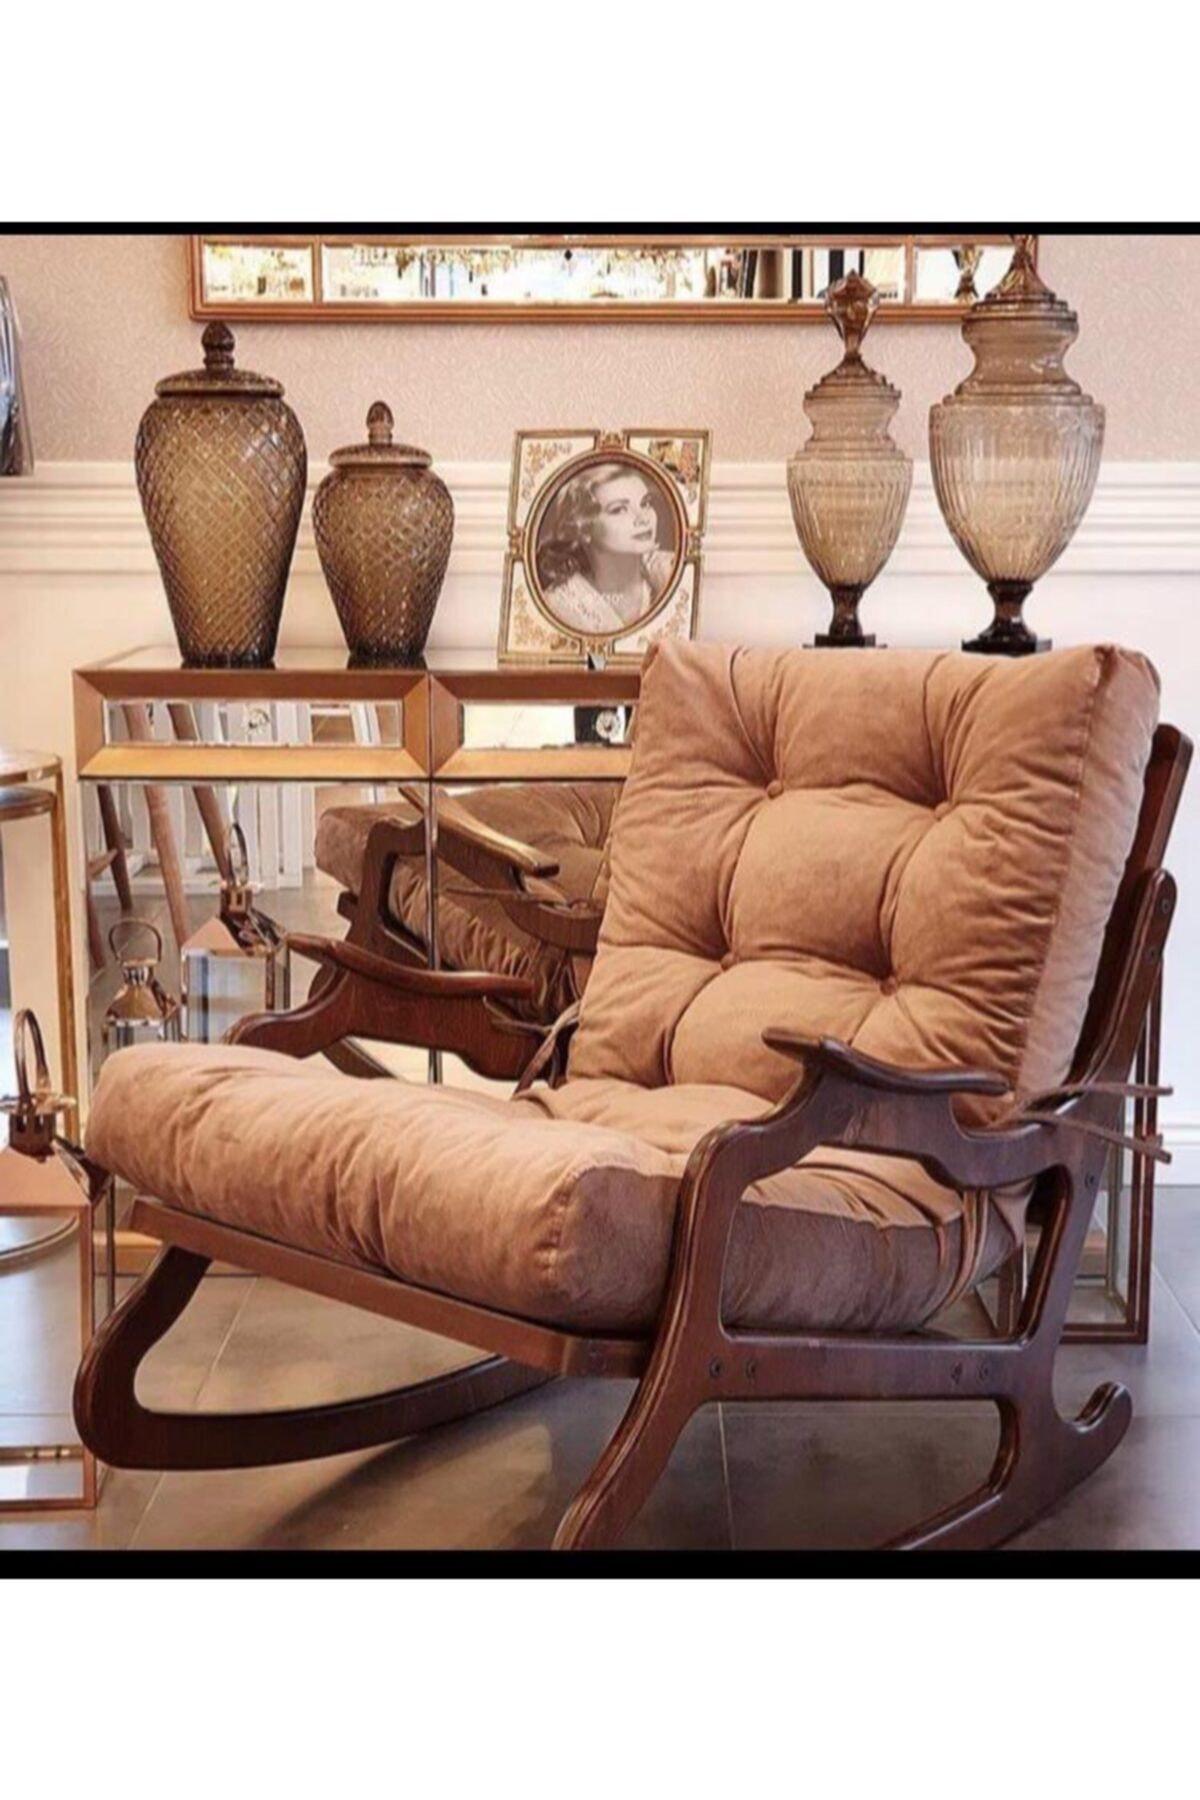 YASÜ Sallanan Koltuk - Dinlenme Koltuğu-baba Koltuğu-bahçe Sandalyesi-tv Koltuğu 1